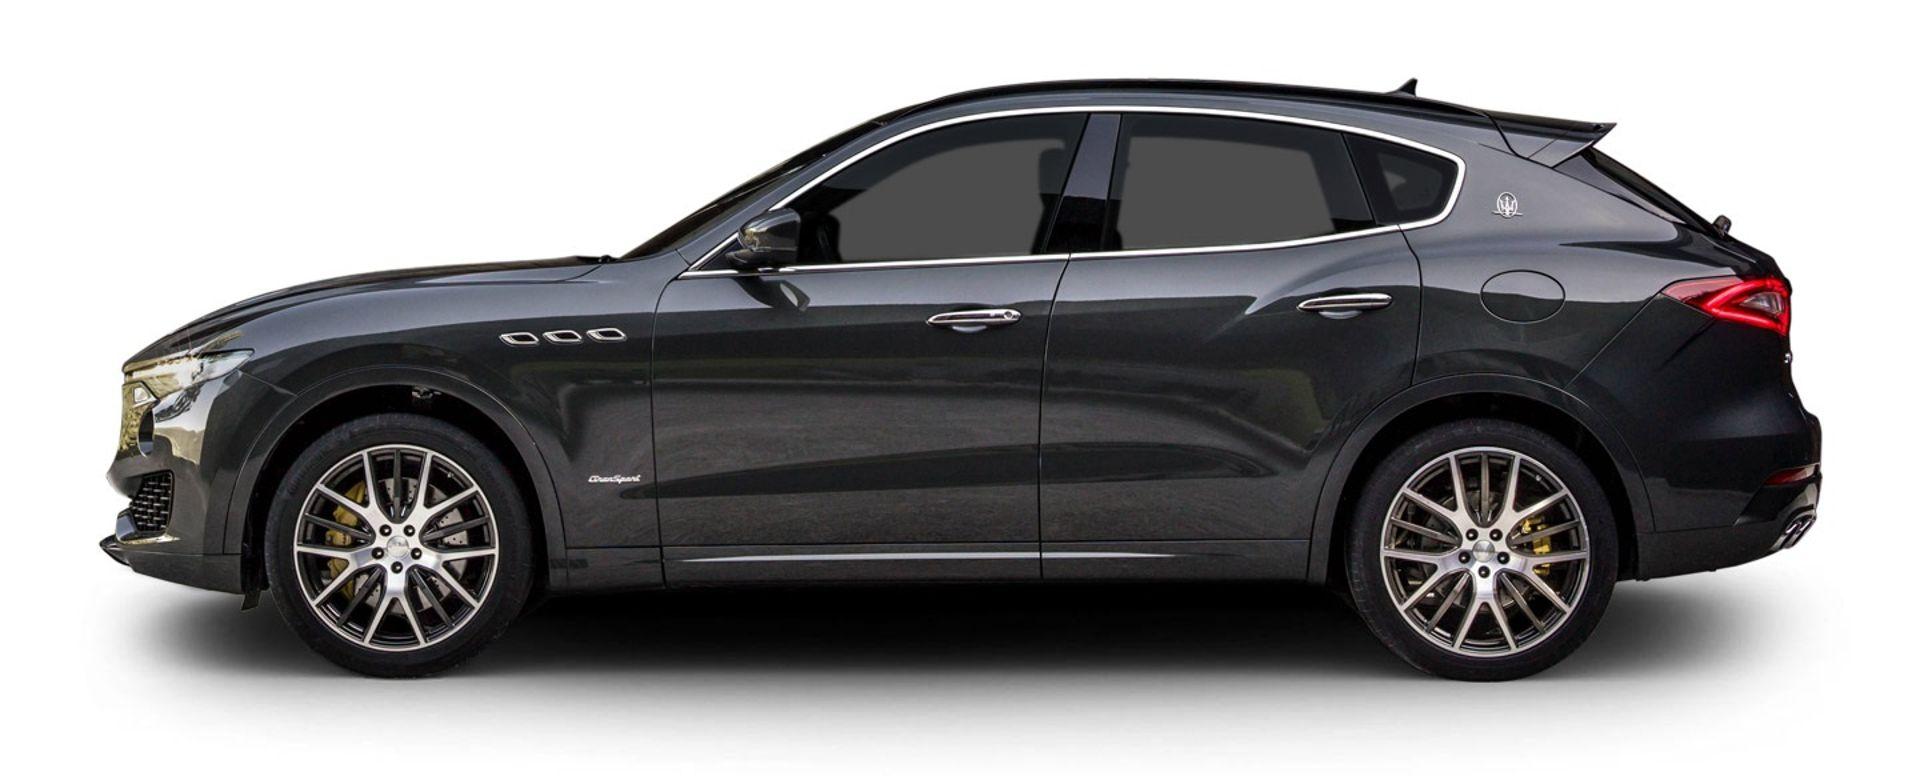 Maserati Levante Diesel GranSport Image